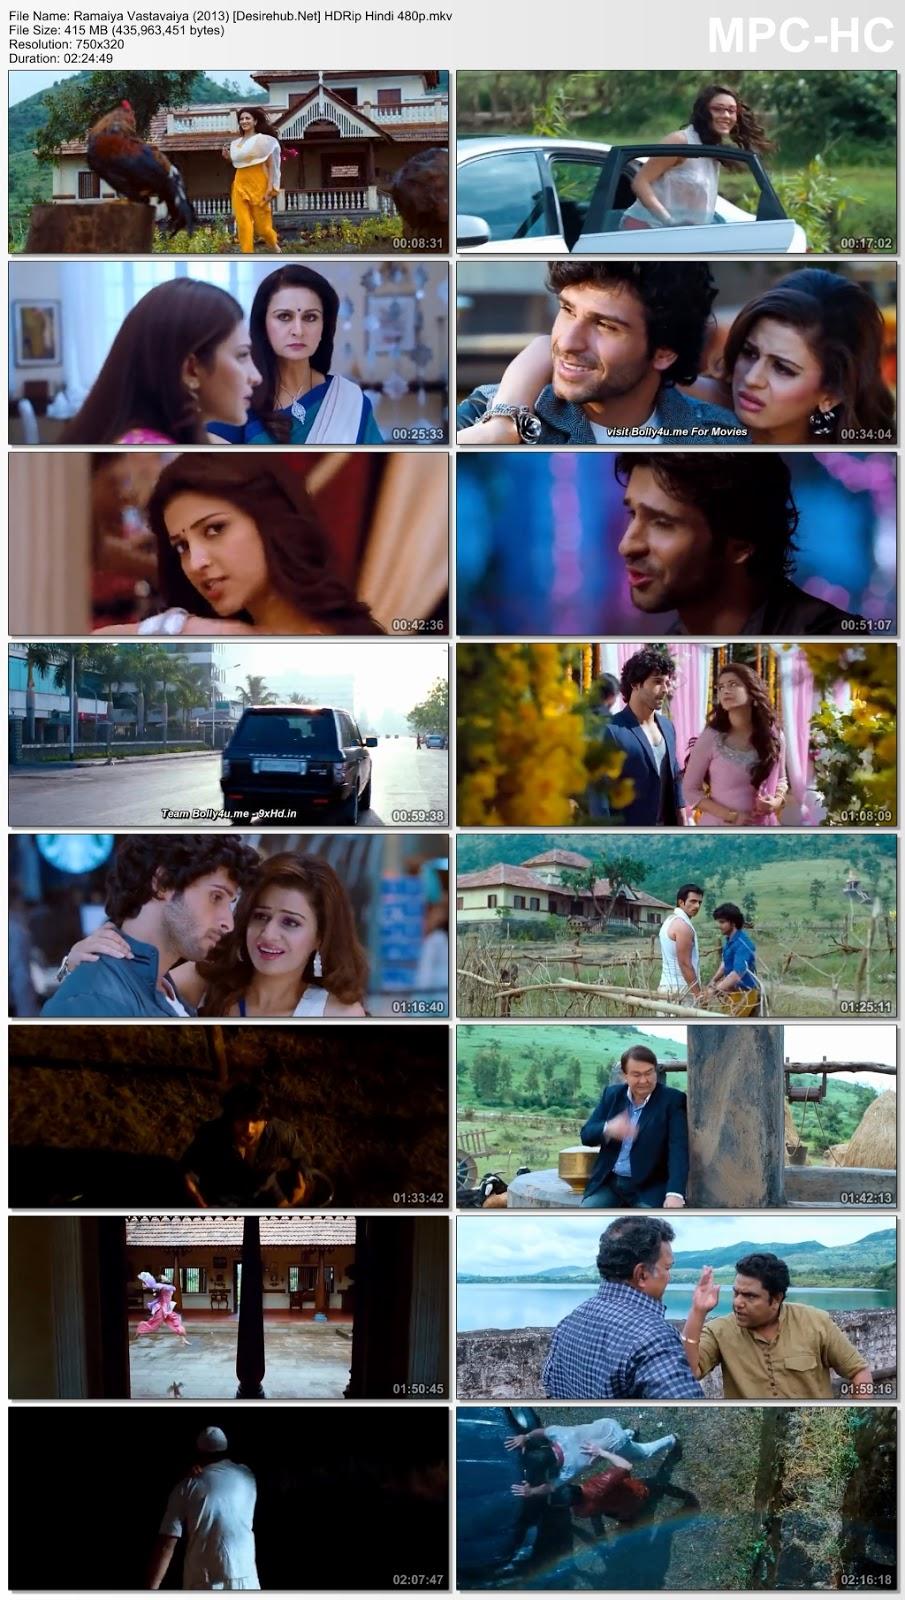 Ramaiya Vastavaiya (2013) HDRip Hindi 480p – 400MB Desirehub